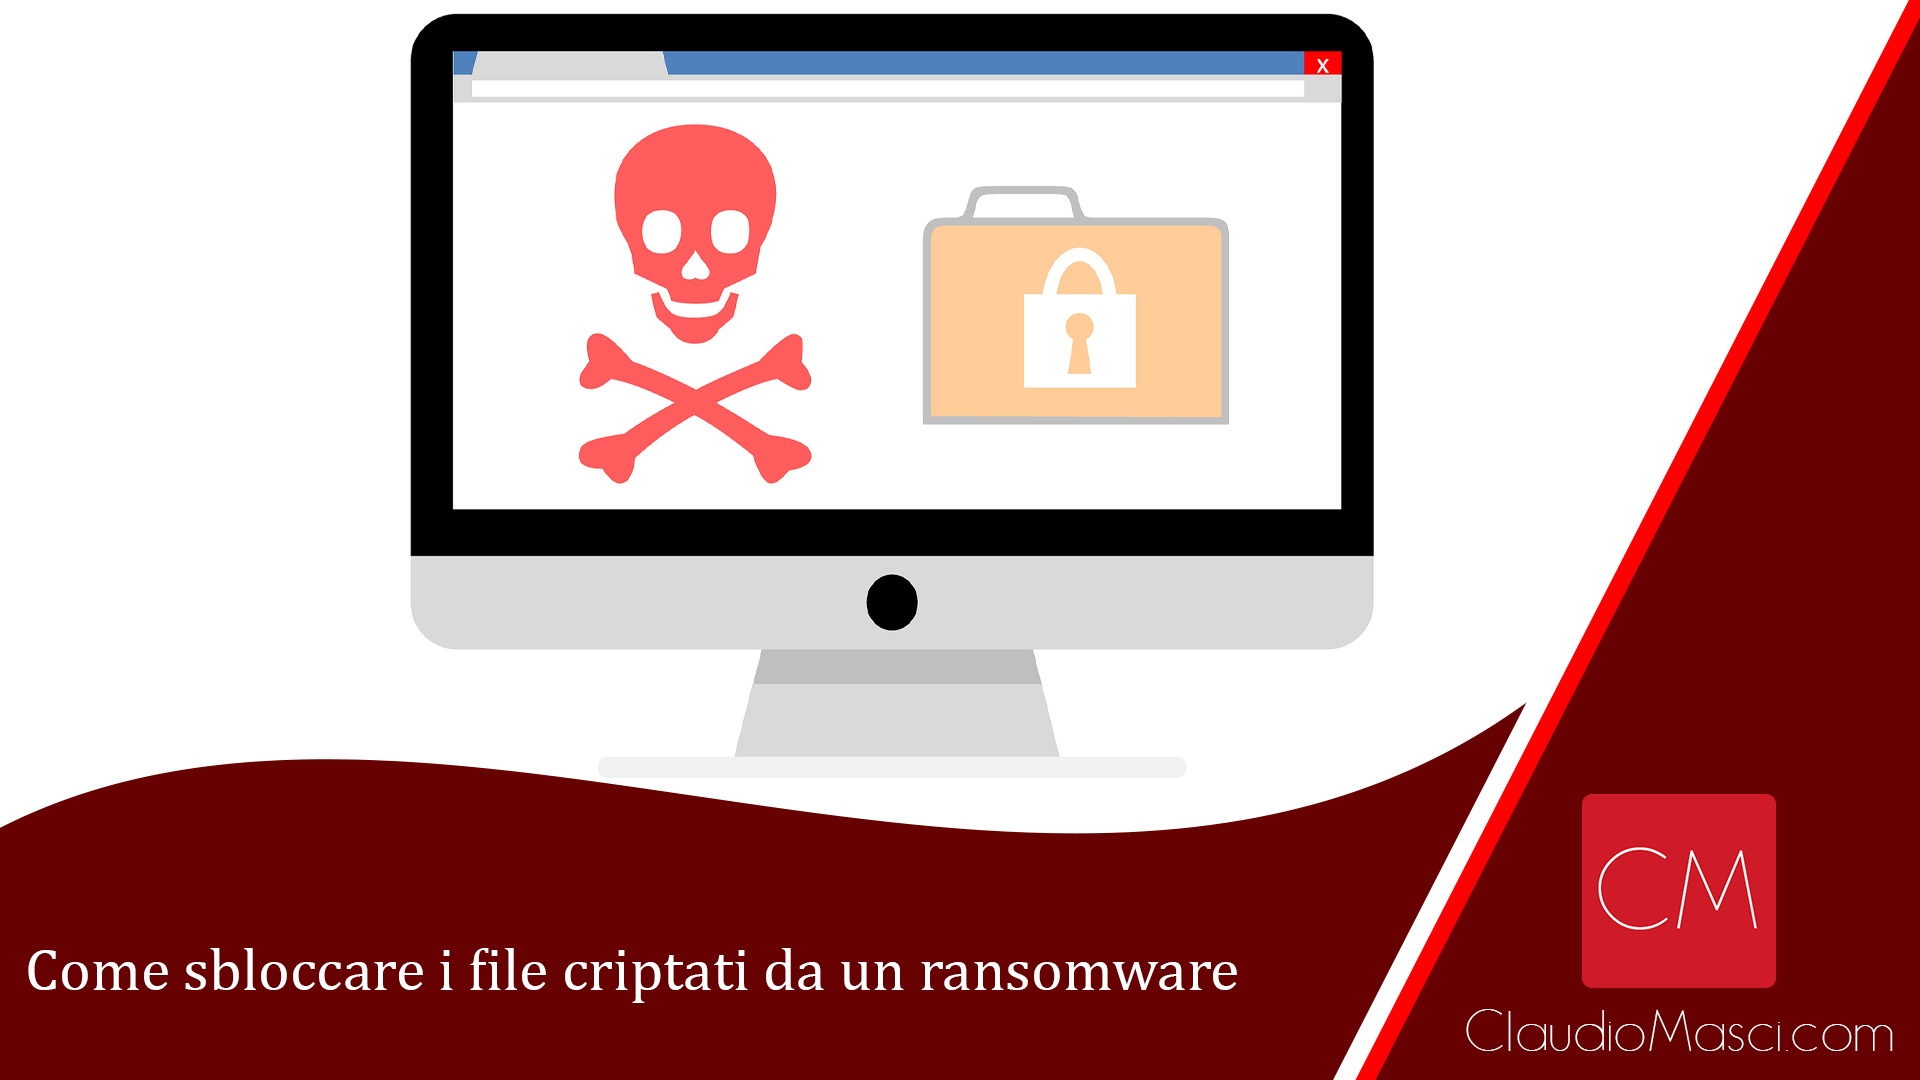 Come sbloccare i file criptati da un ransomware